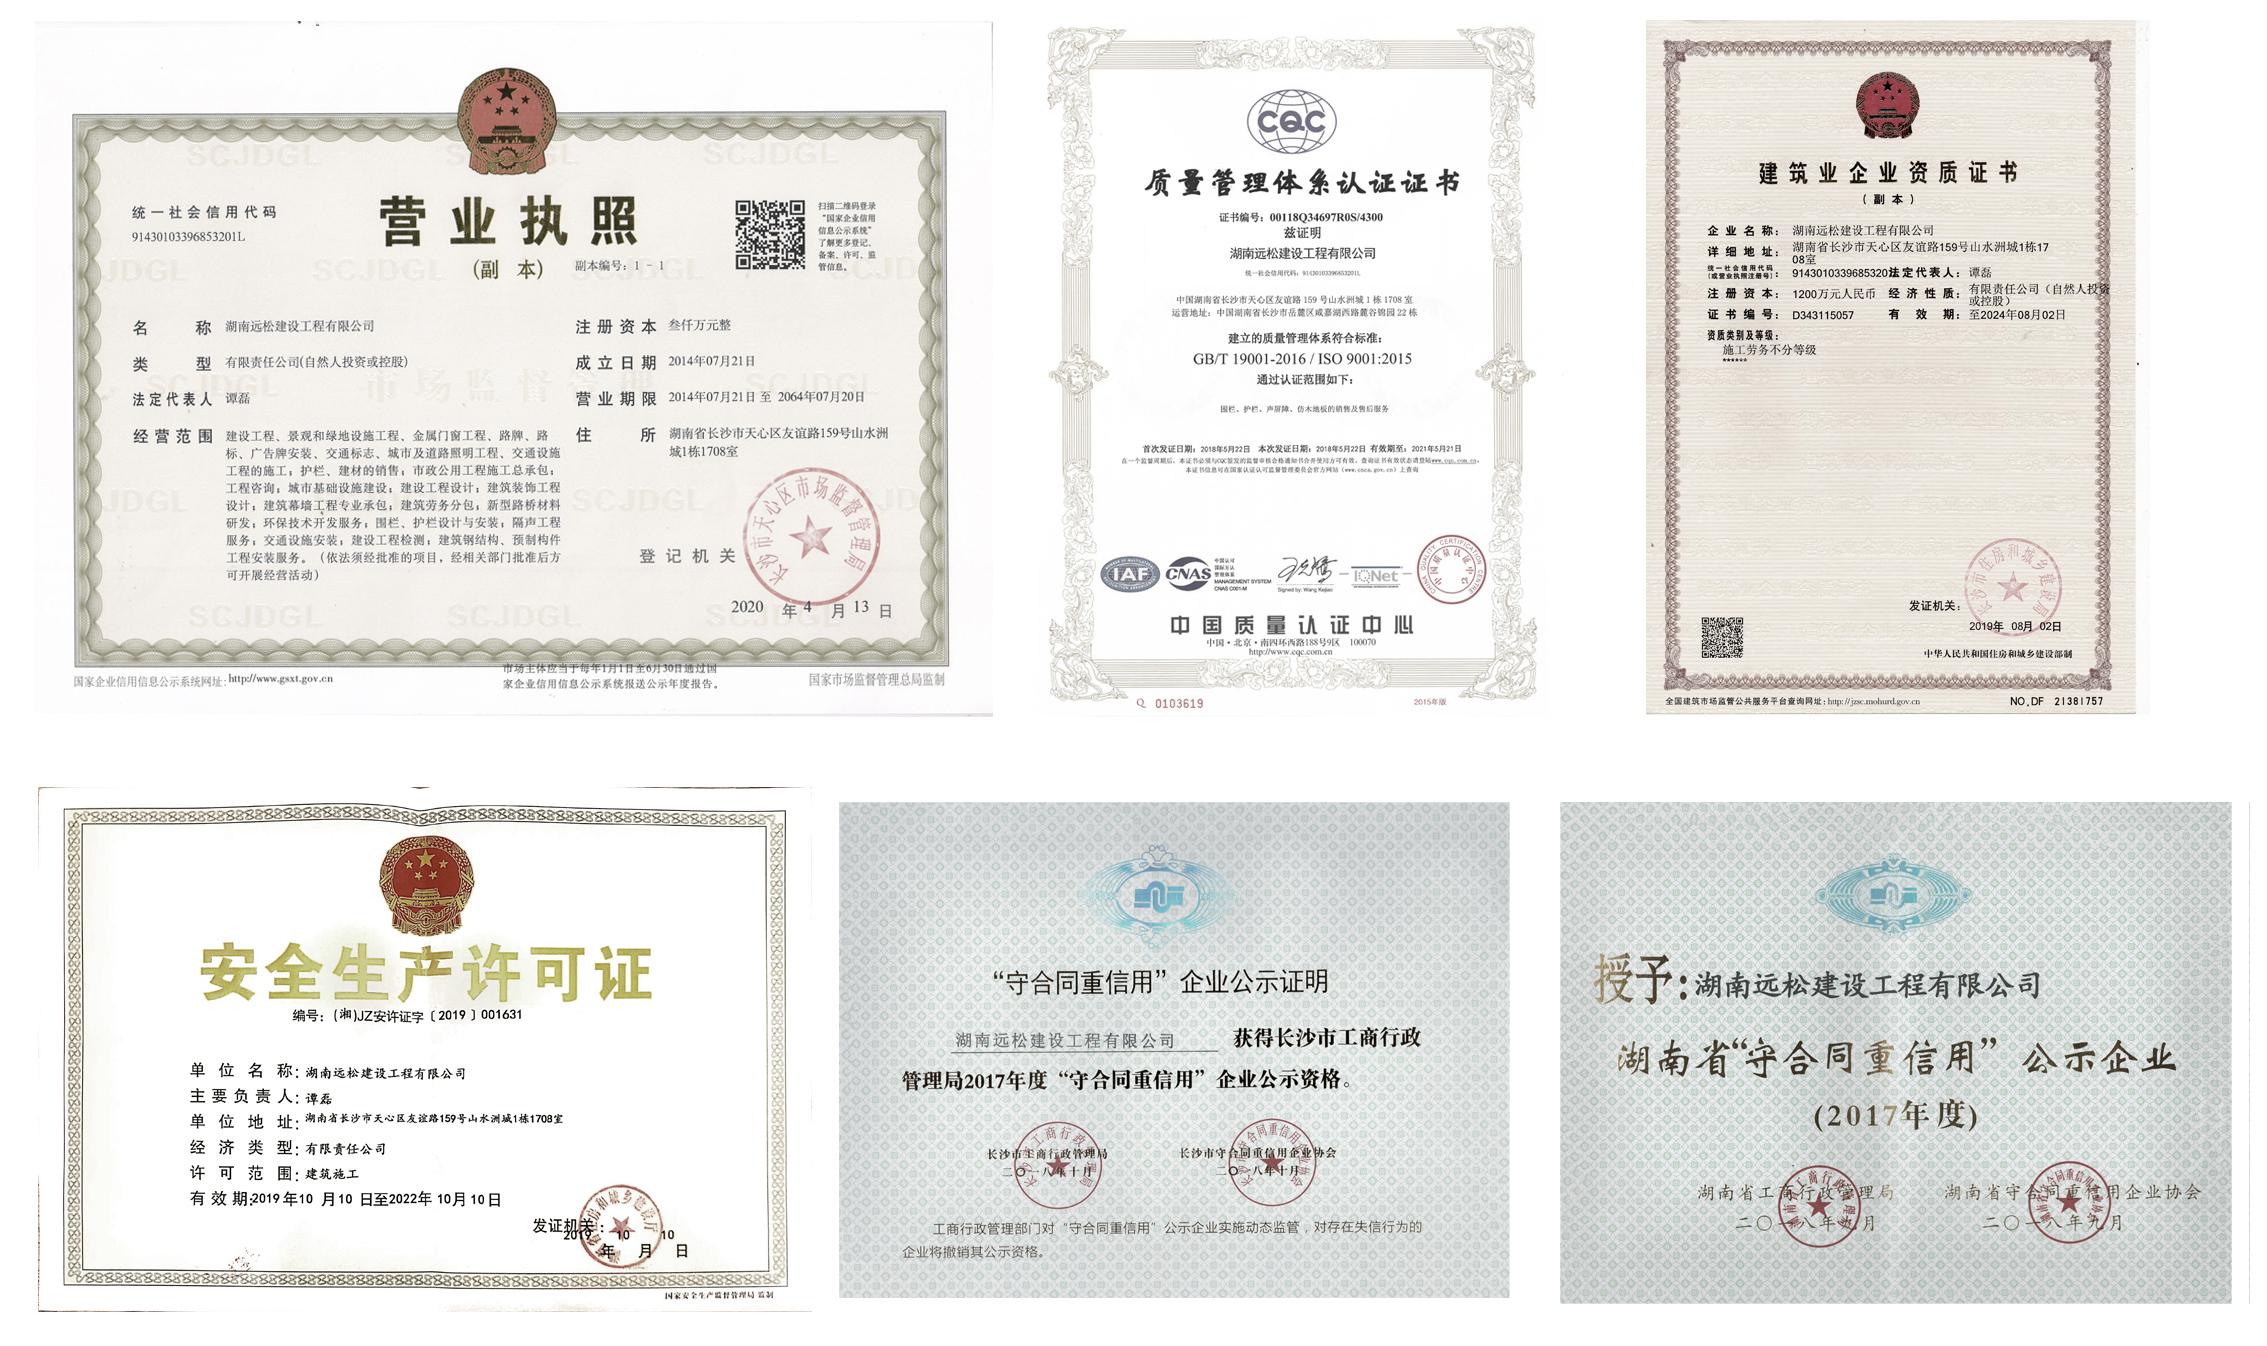 湖南远松建设工程有限公司荣誉资质